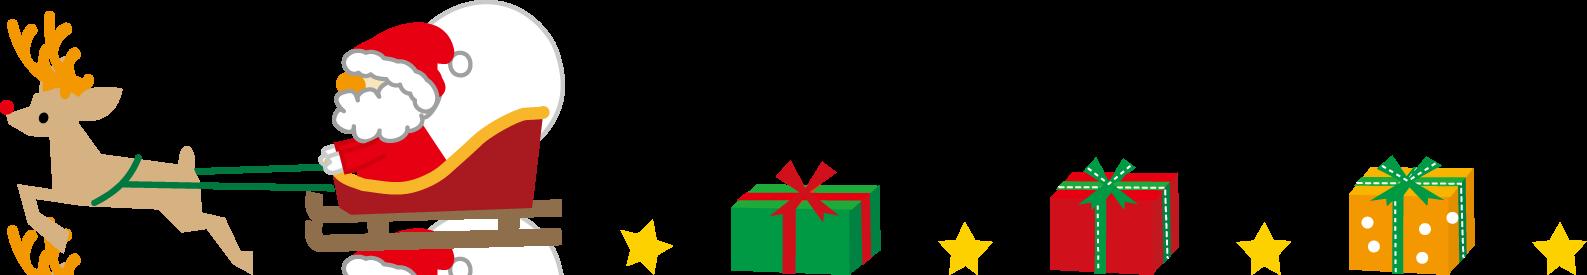 無料素材 ライン クリスマス3